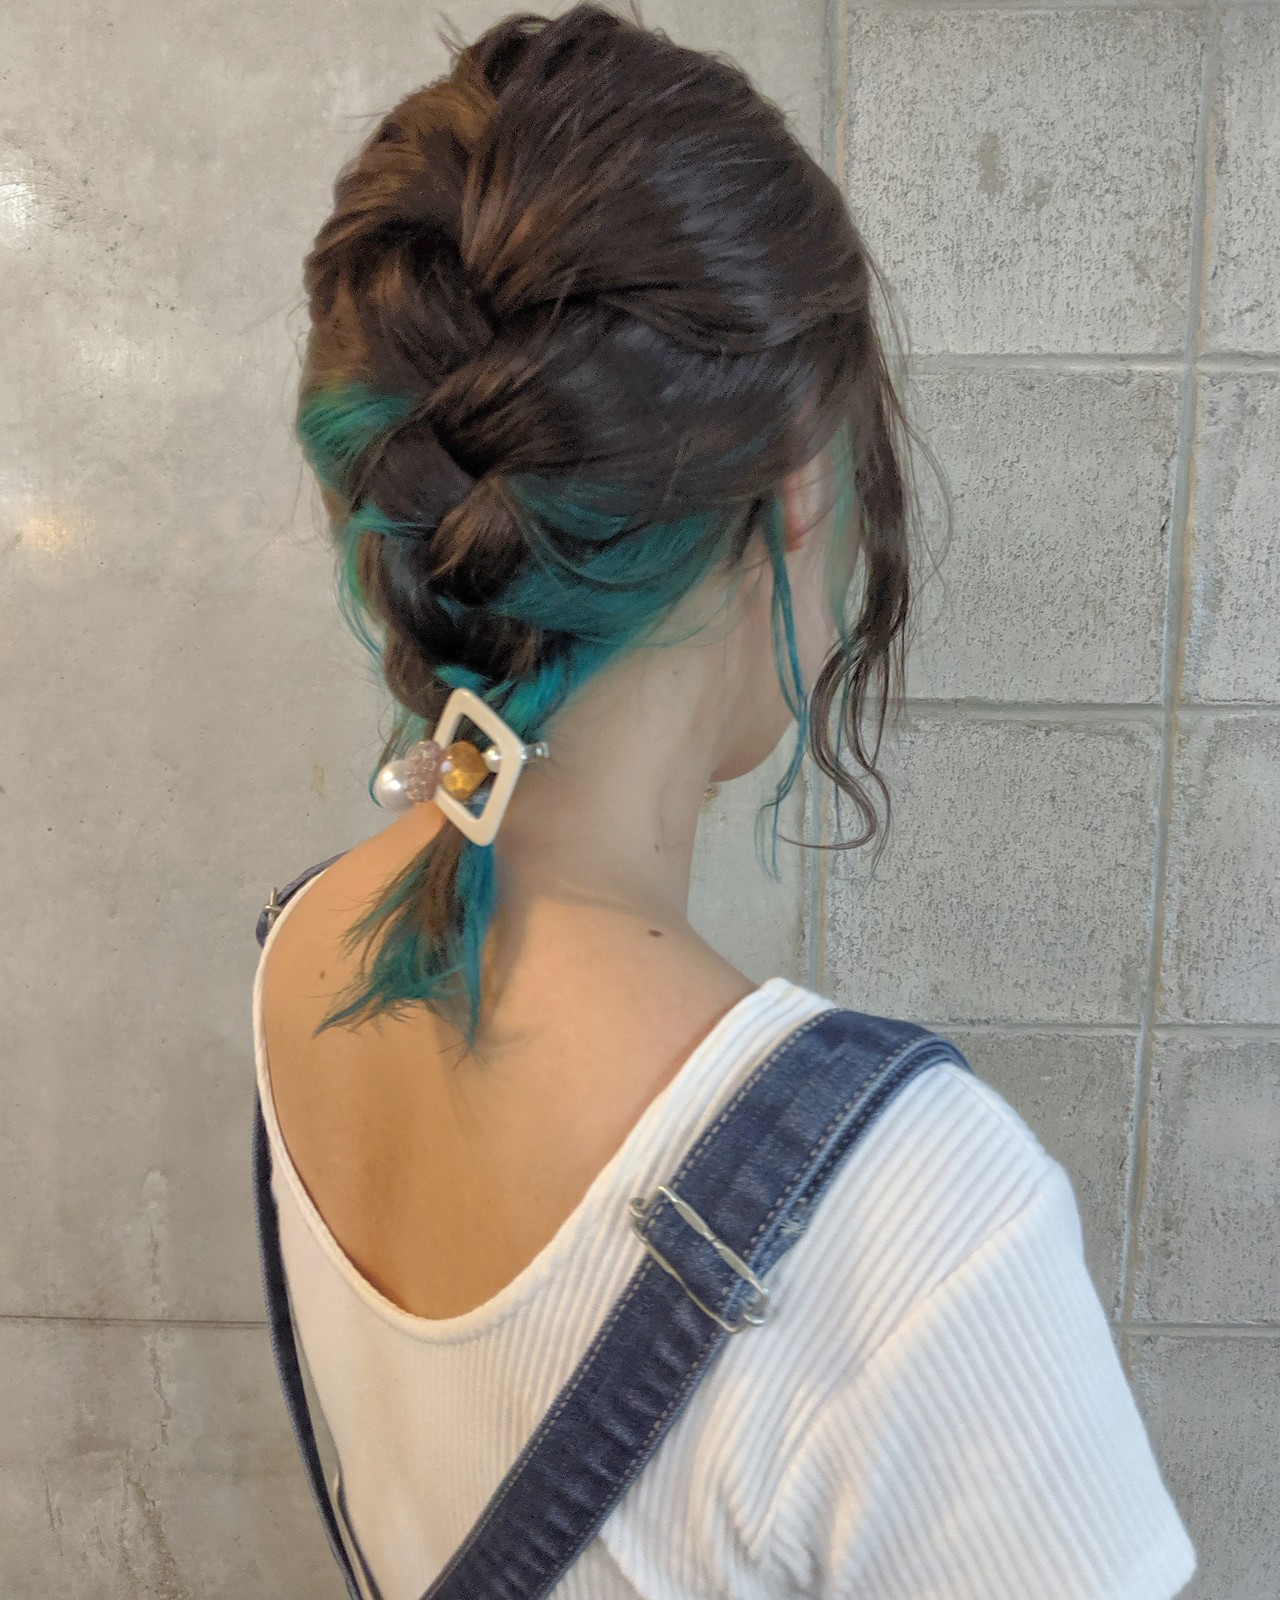 インナーカラー ブルー ミディアム インナーブルー ヘアスタイルや髪型の写真・画像 | HIFUMI / möwen